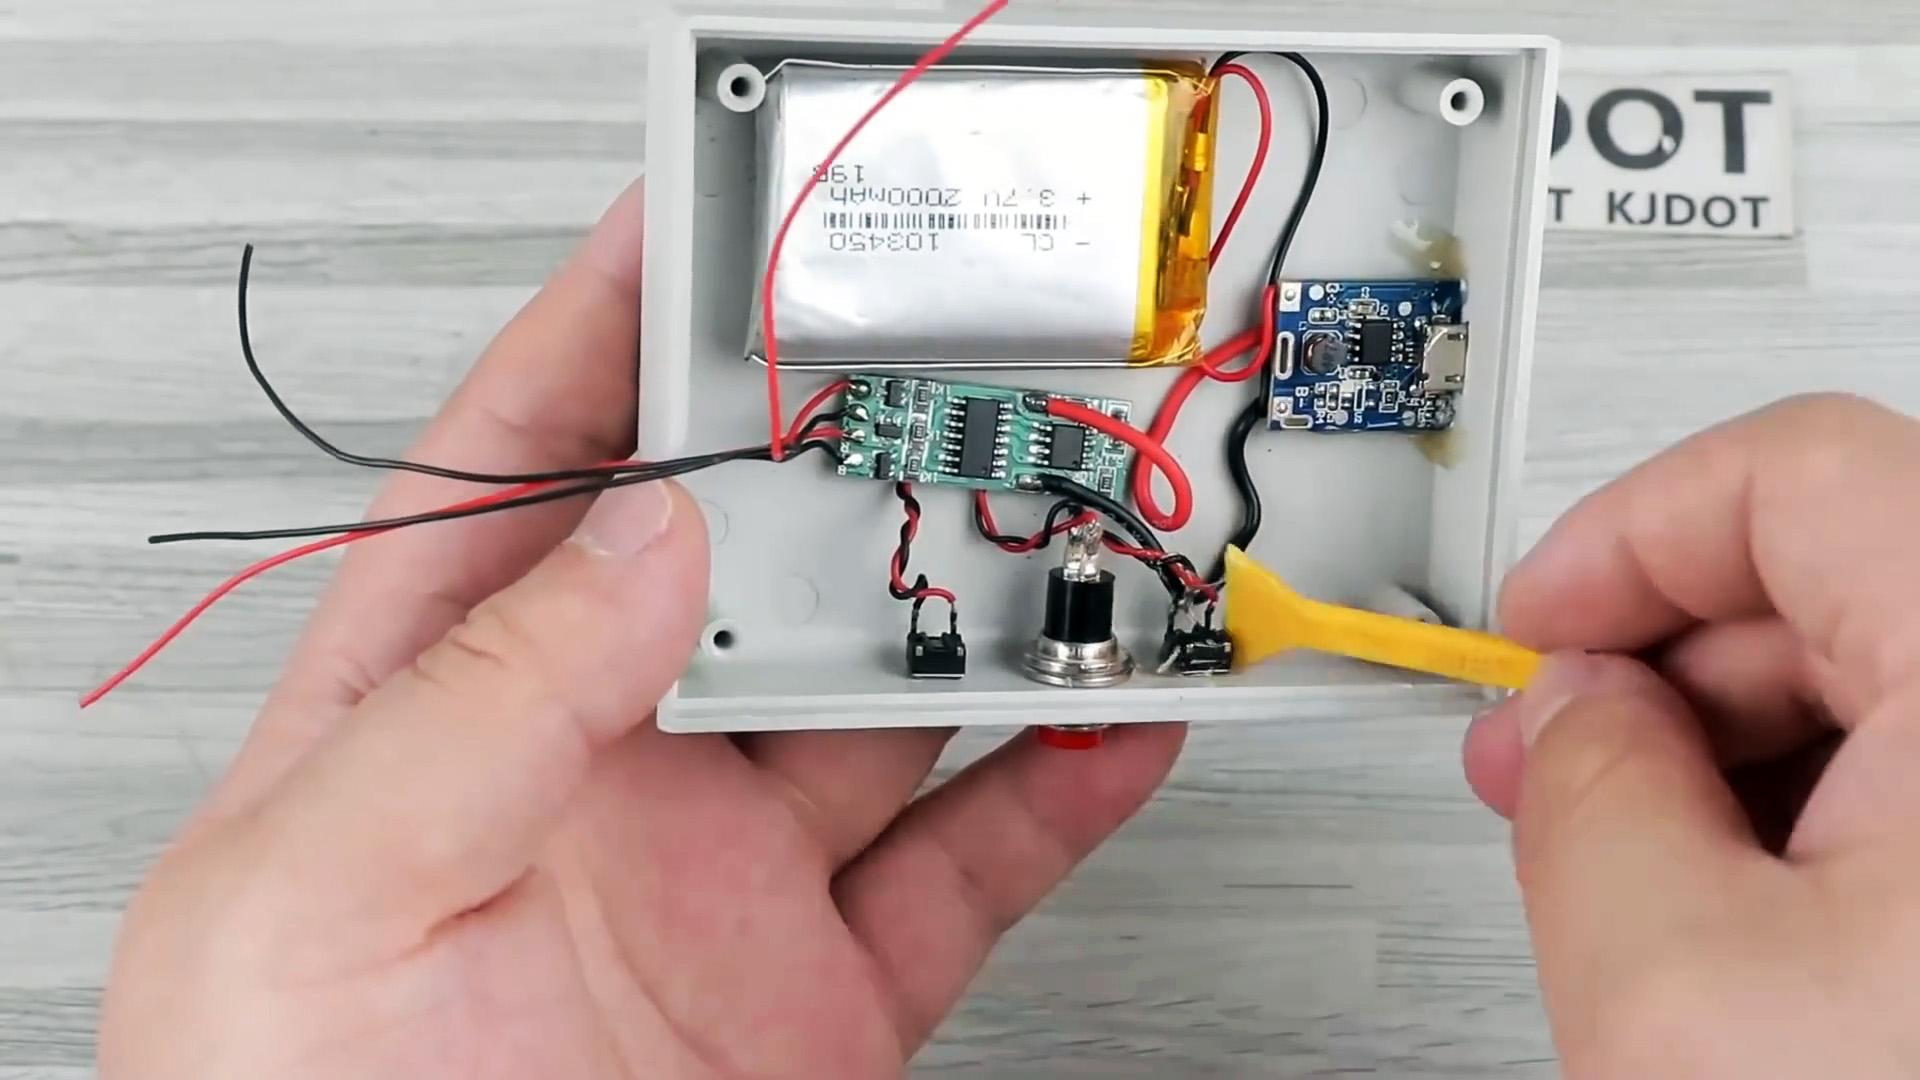 Светодиодная установка разноцветных световых эффектов без программирования своими руками